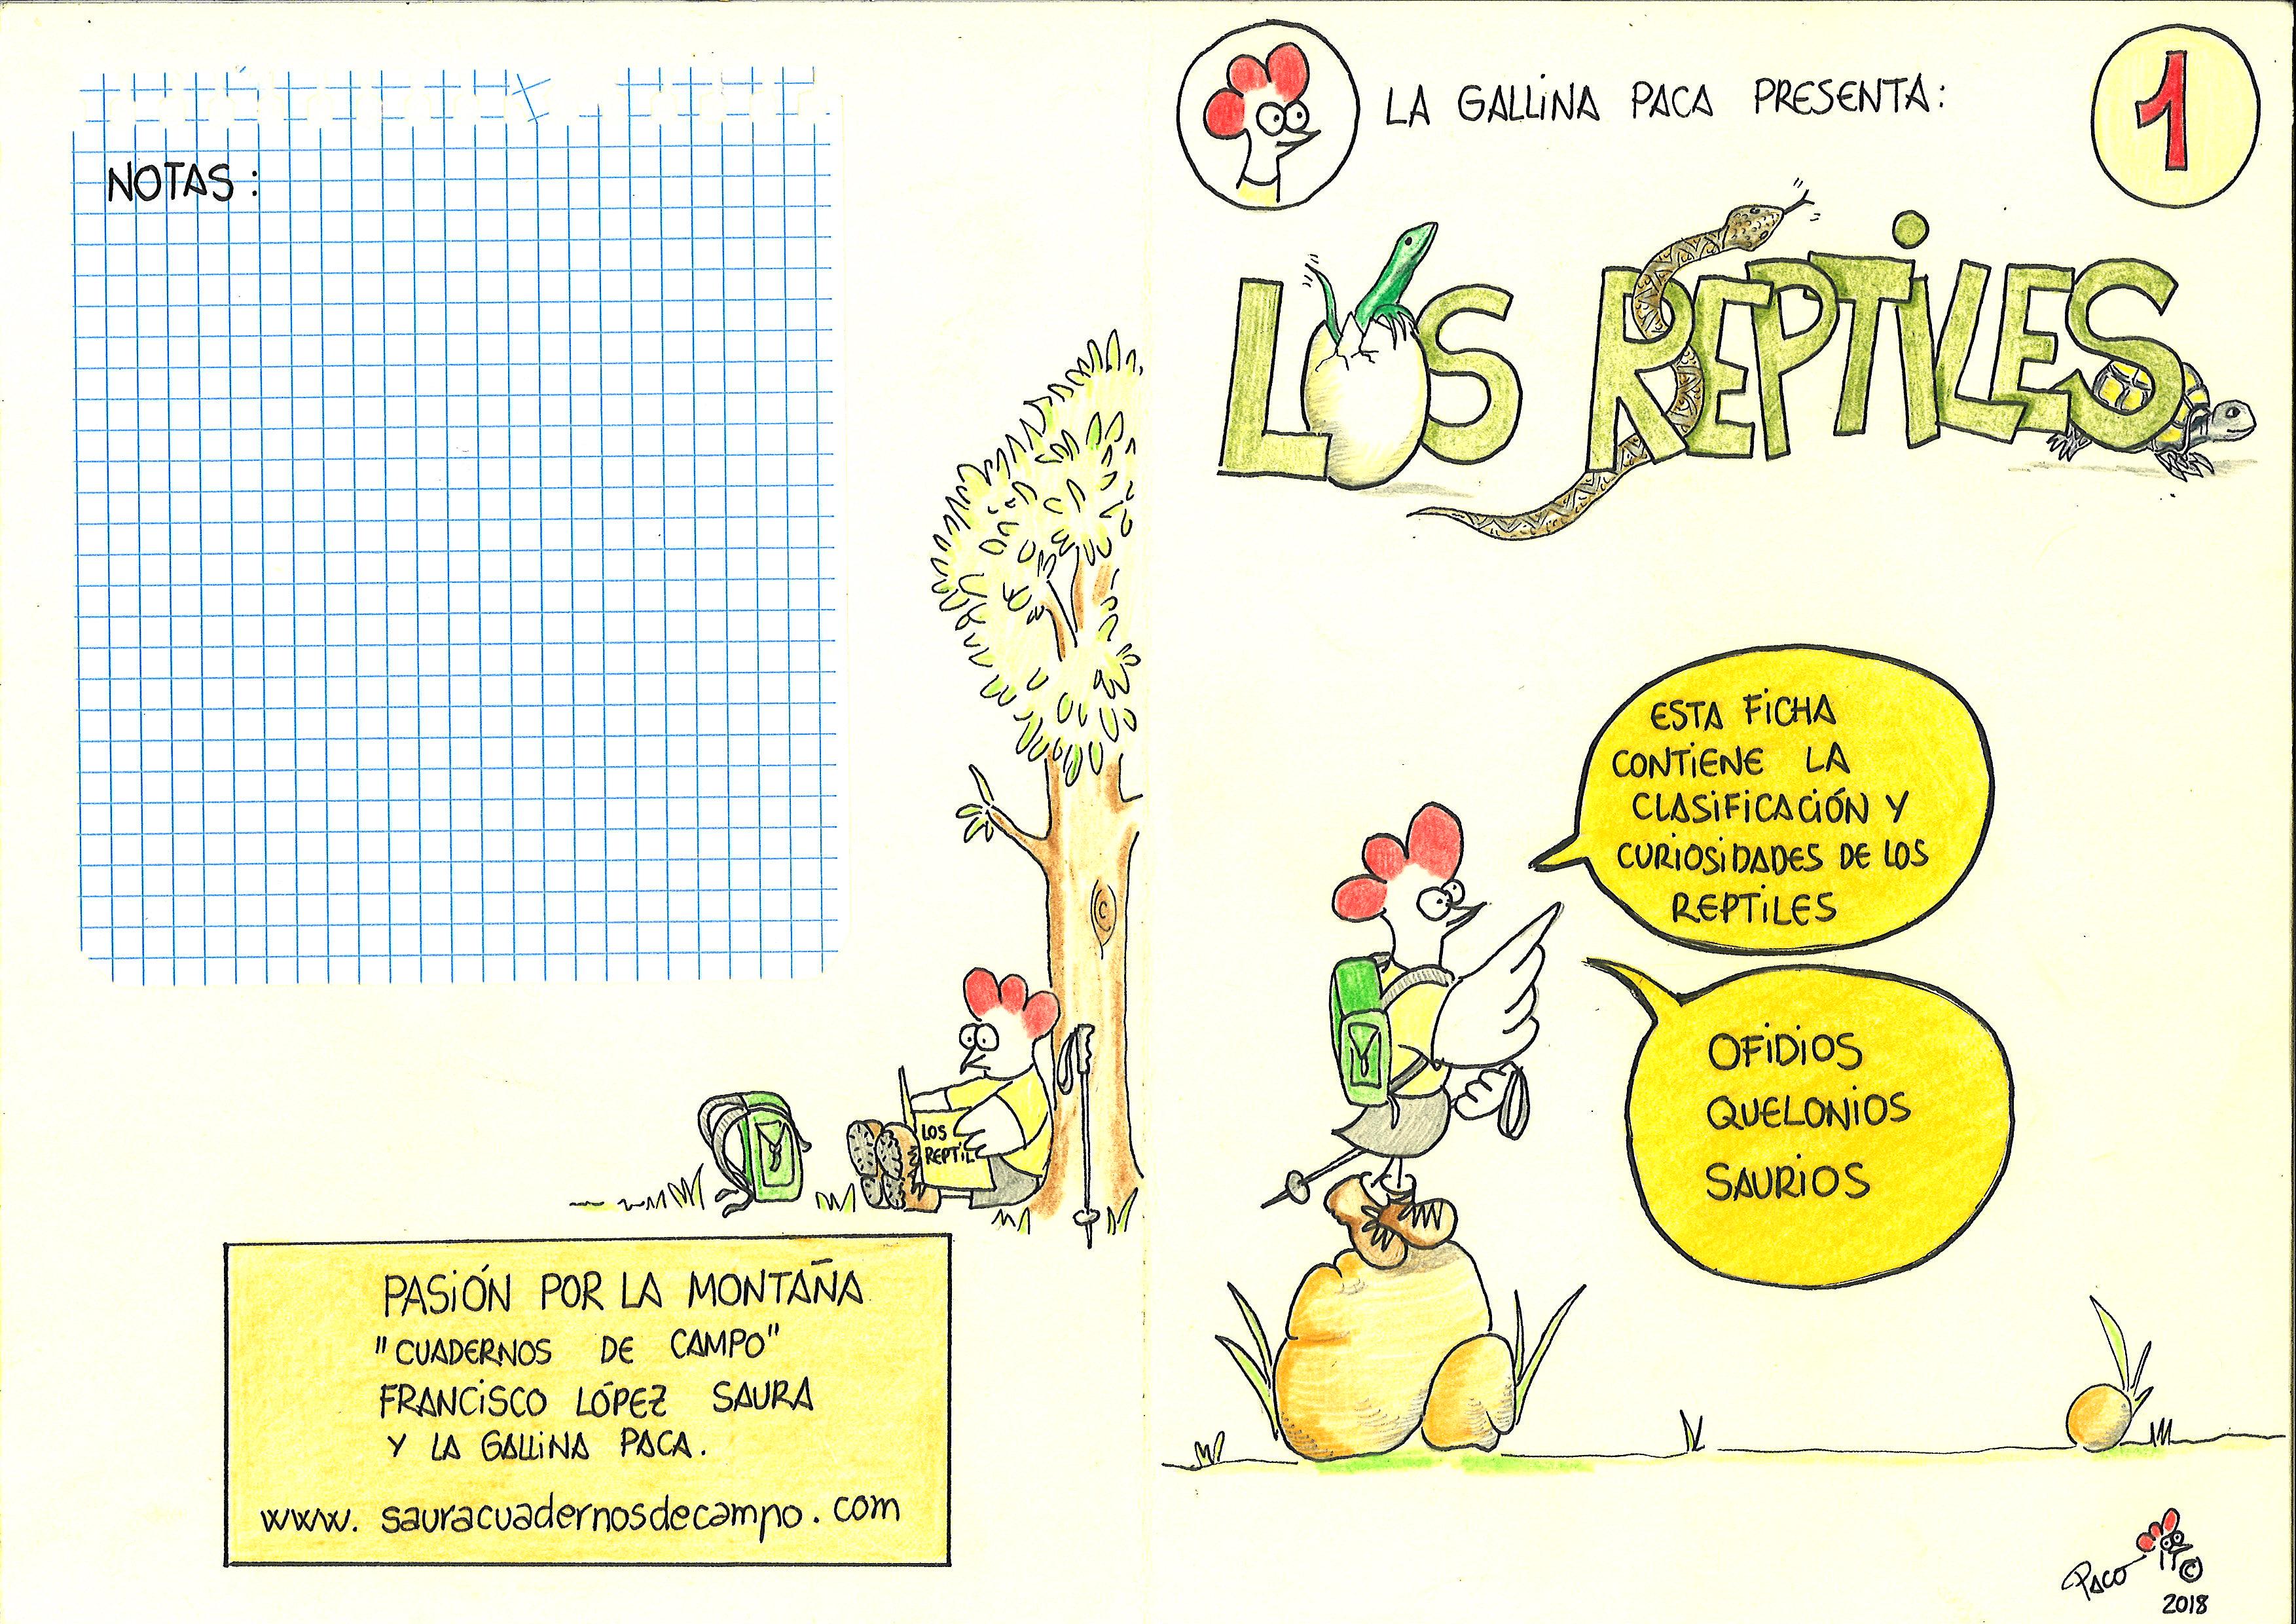 1-Los Reptiles (exterior)